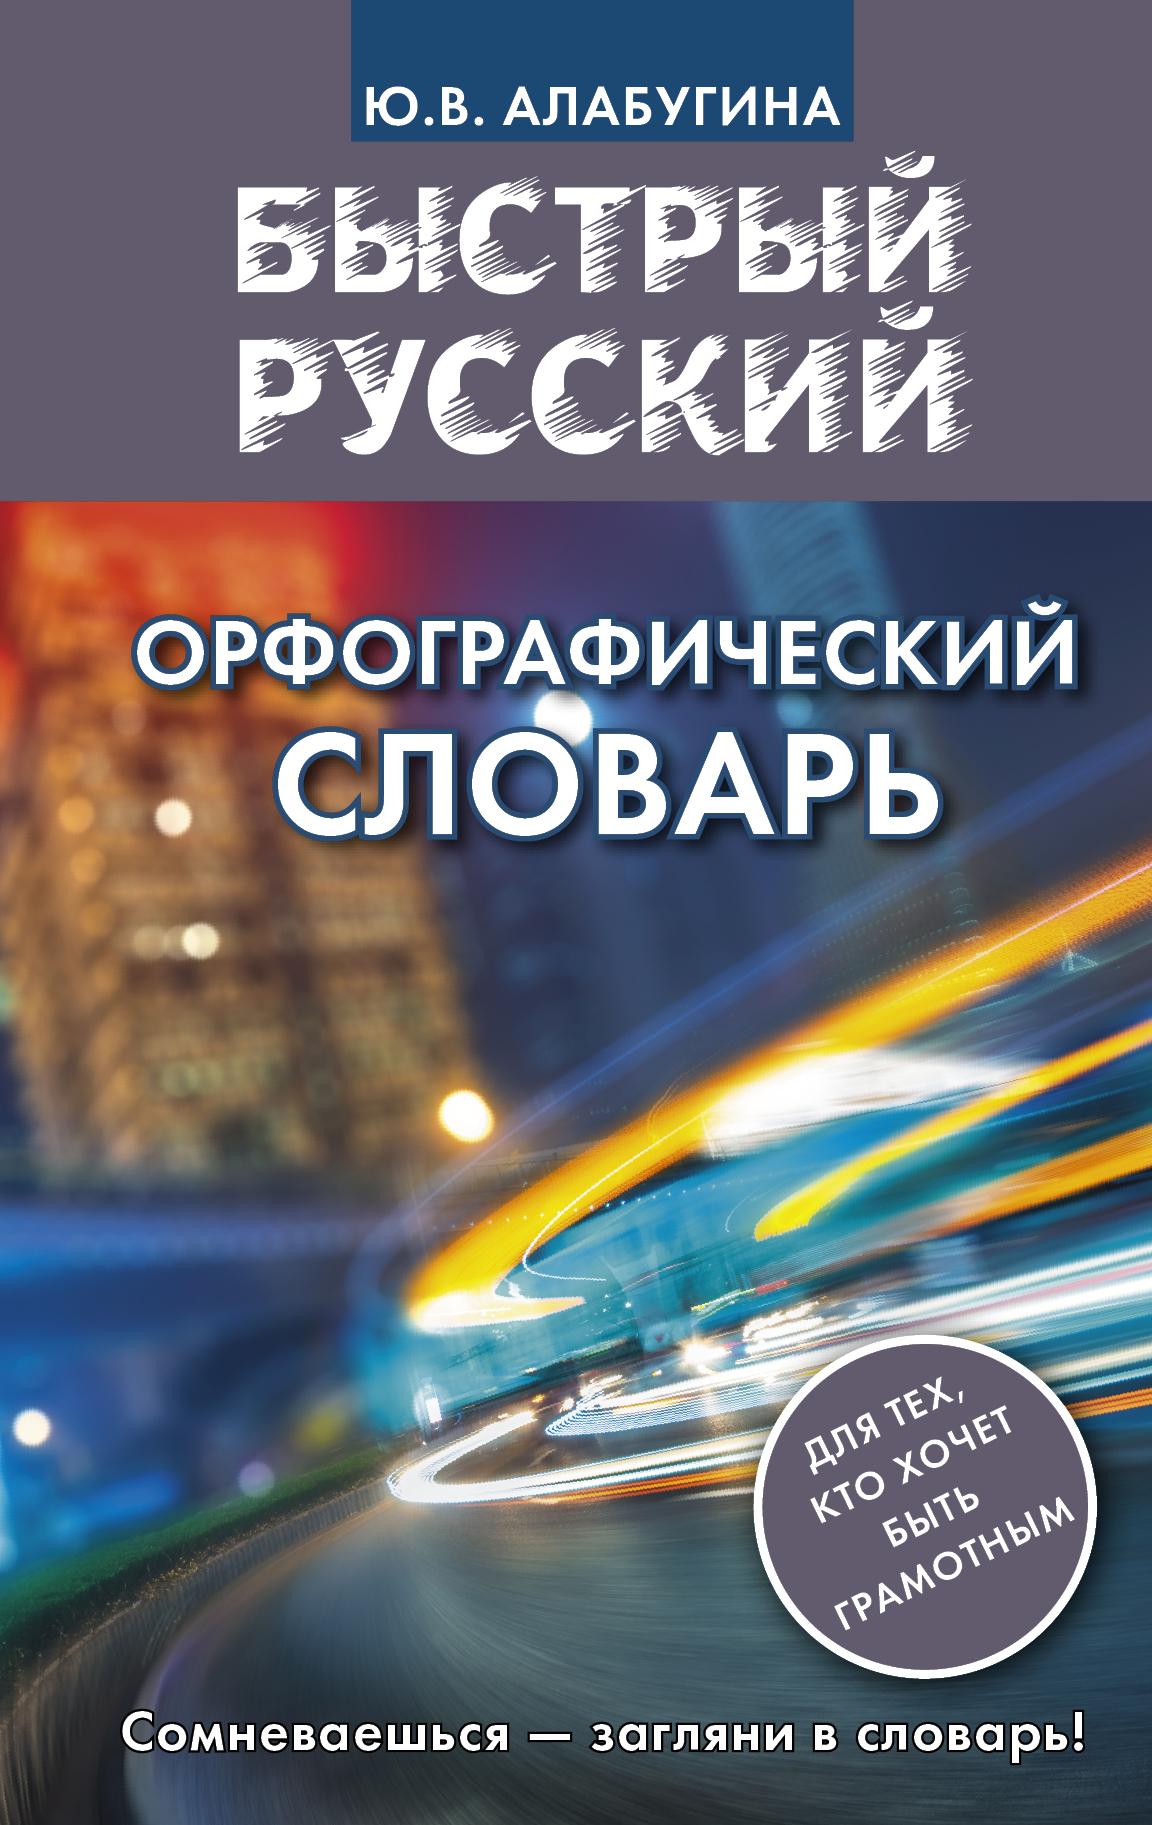 цена на Алабугина Ю. В. Быстрый русский. Орфографический словарь